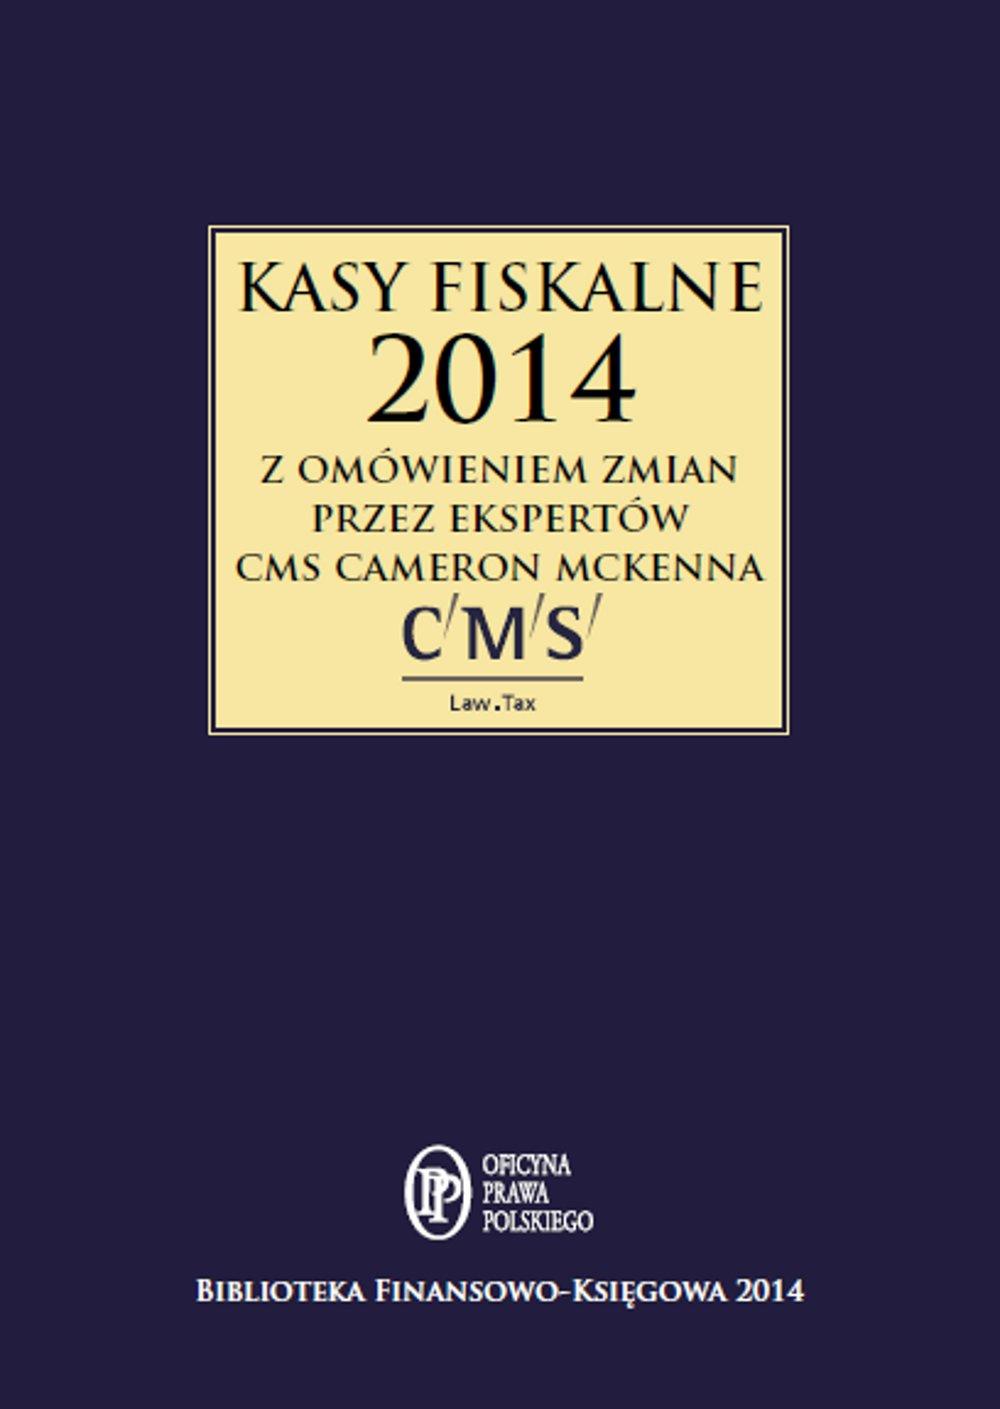 Kasy fiskalne 2014 z omówieniem ekspertów CMS Cameron McKenna - Ebook (Książka na Kindle) do pobrania w formacie MOBI